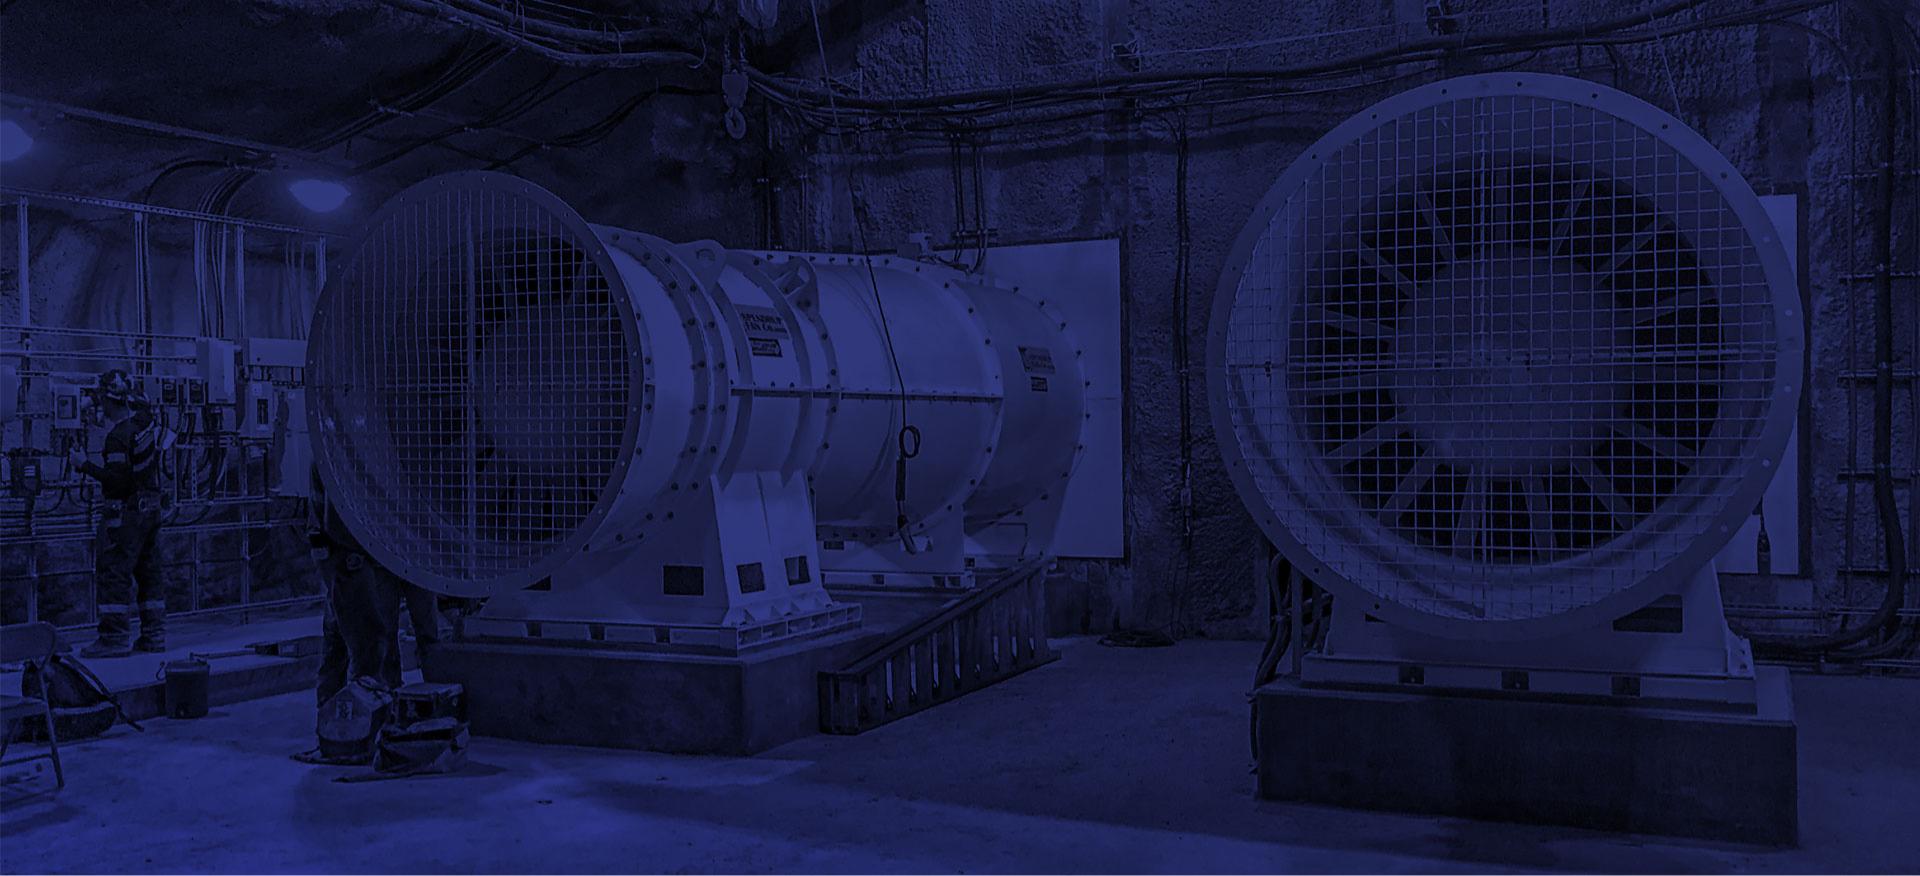 custom industrial fans for mining